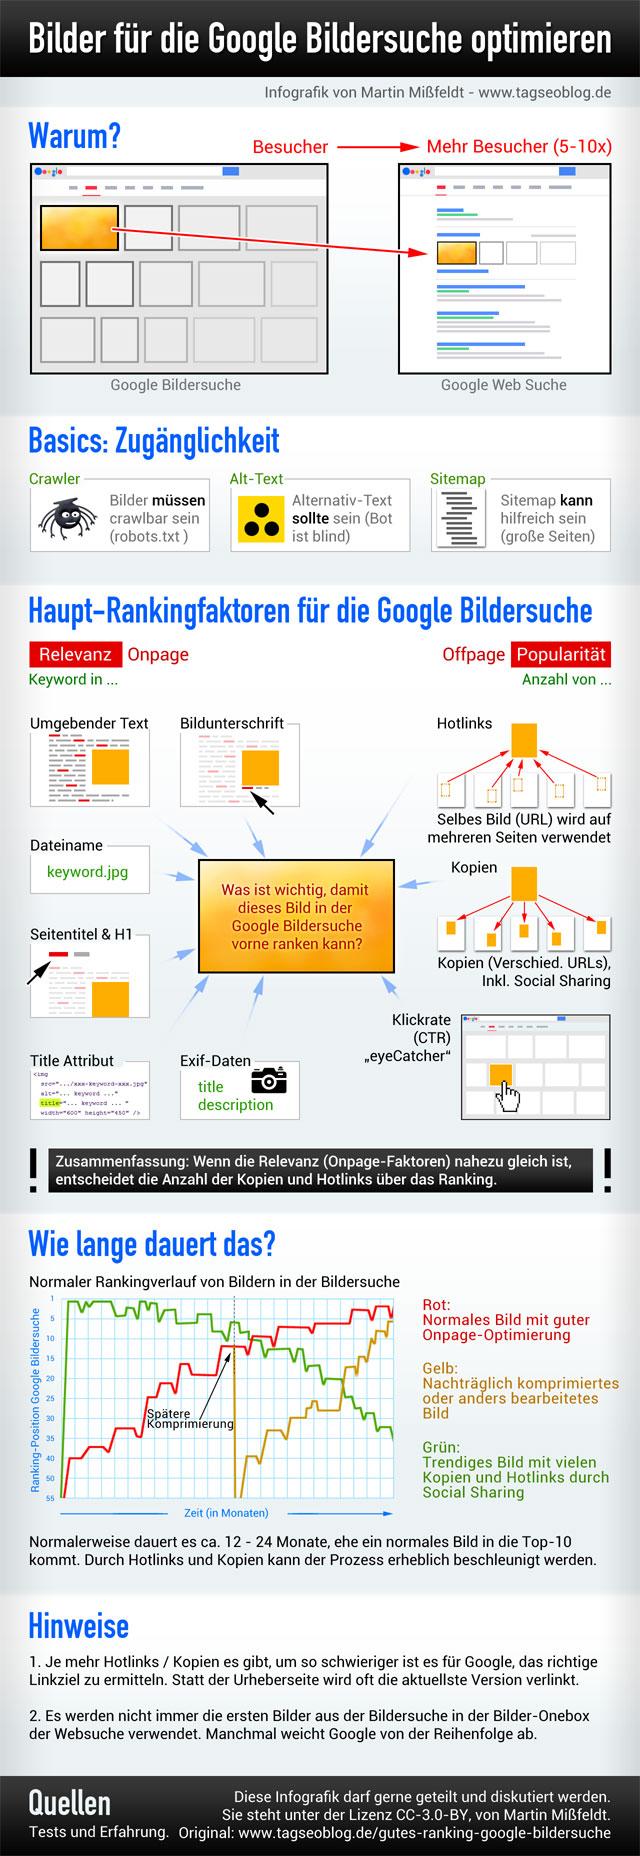 Gutes Ranking in der Google Bildersuche? So geht s ...